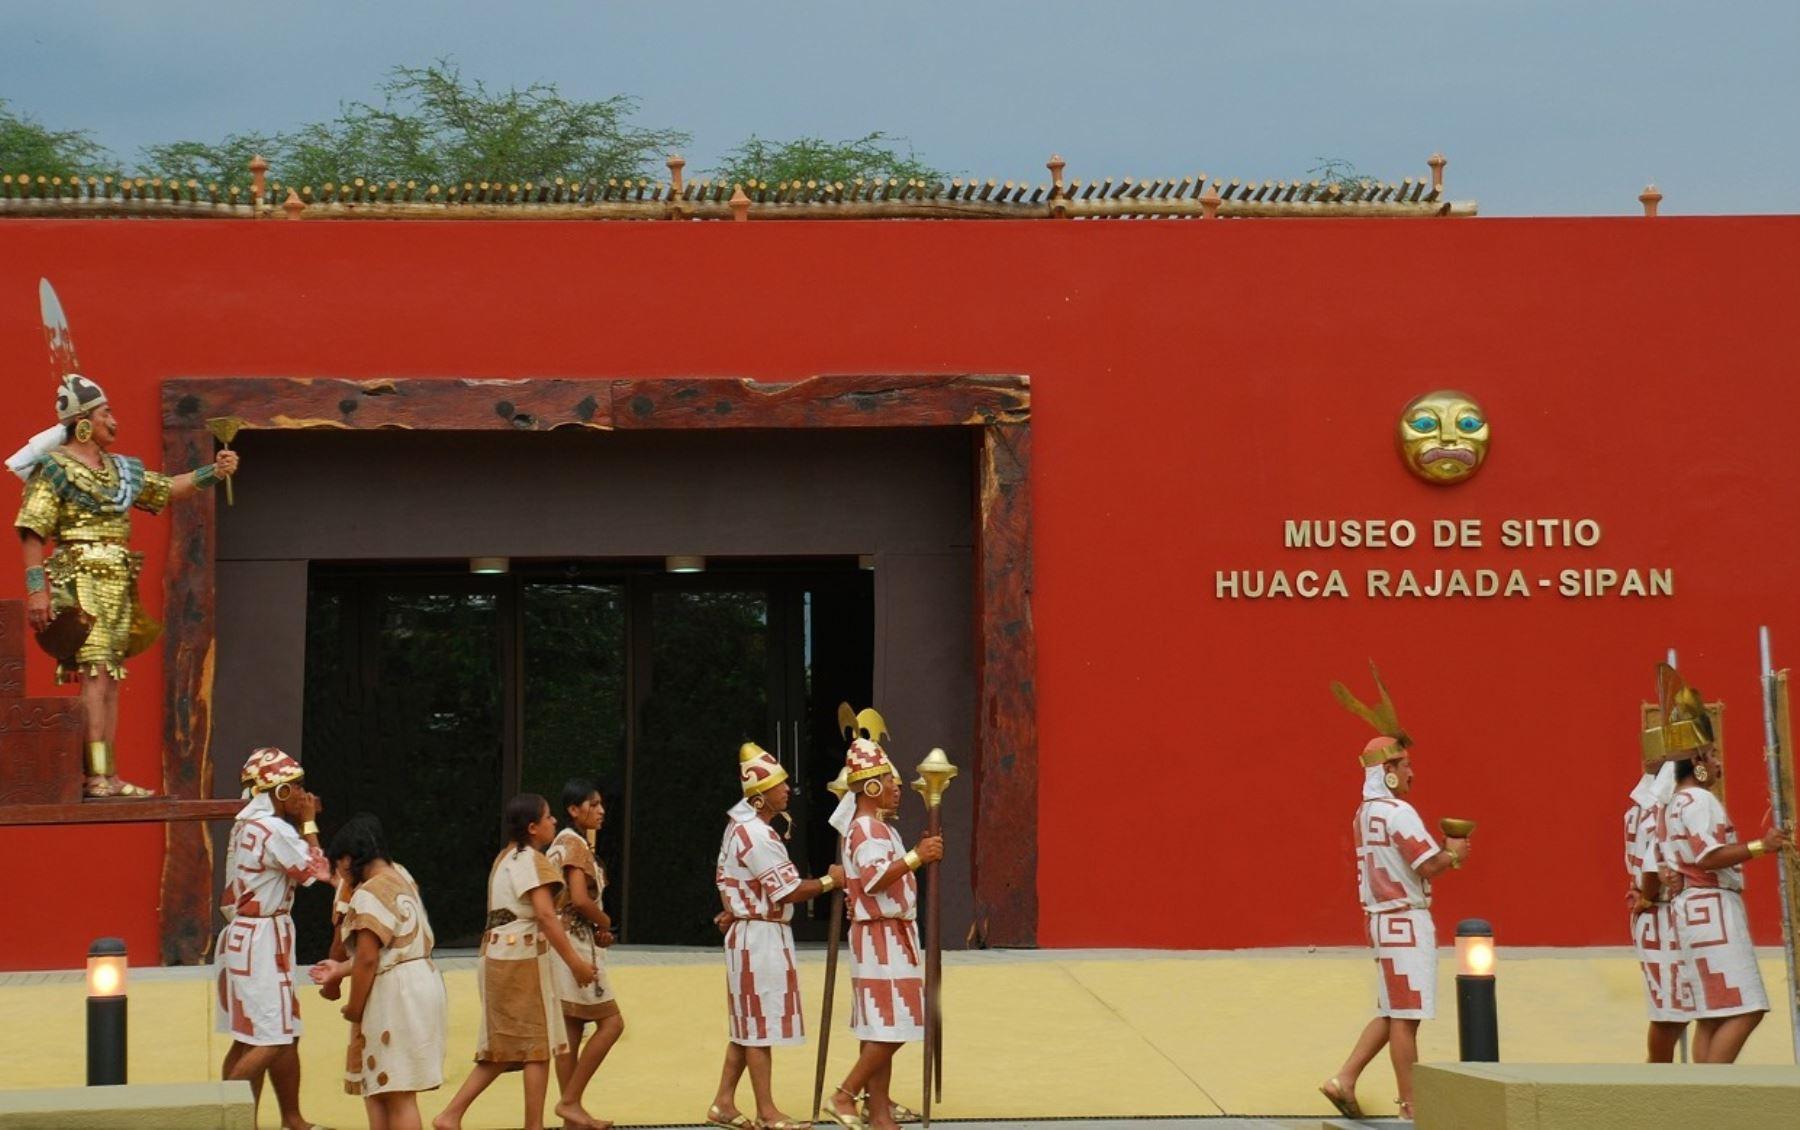 El museo de sitio Huaca Rajada Sipán cumple hoy su sexto aniversario de creación. FOTO: ANDINA